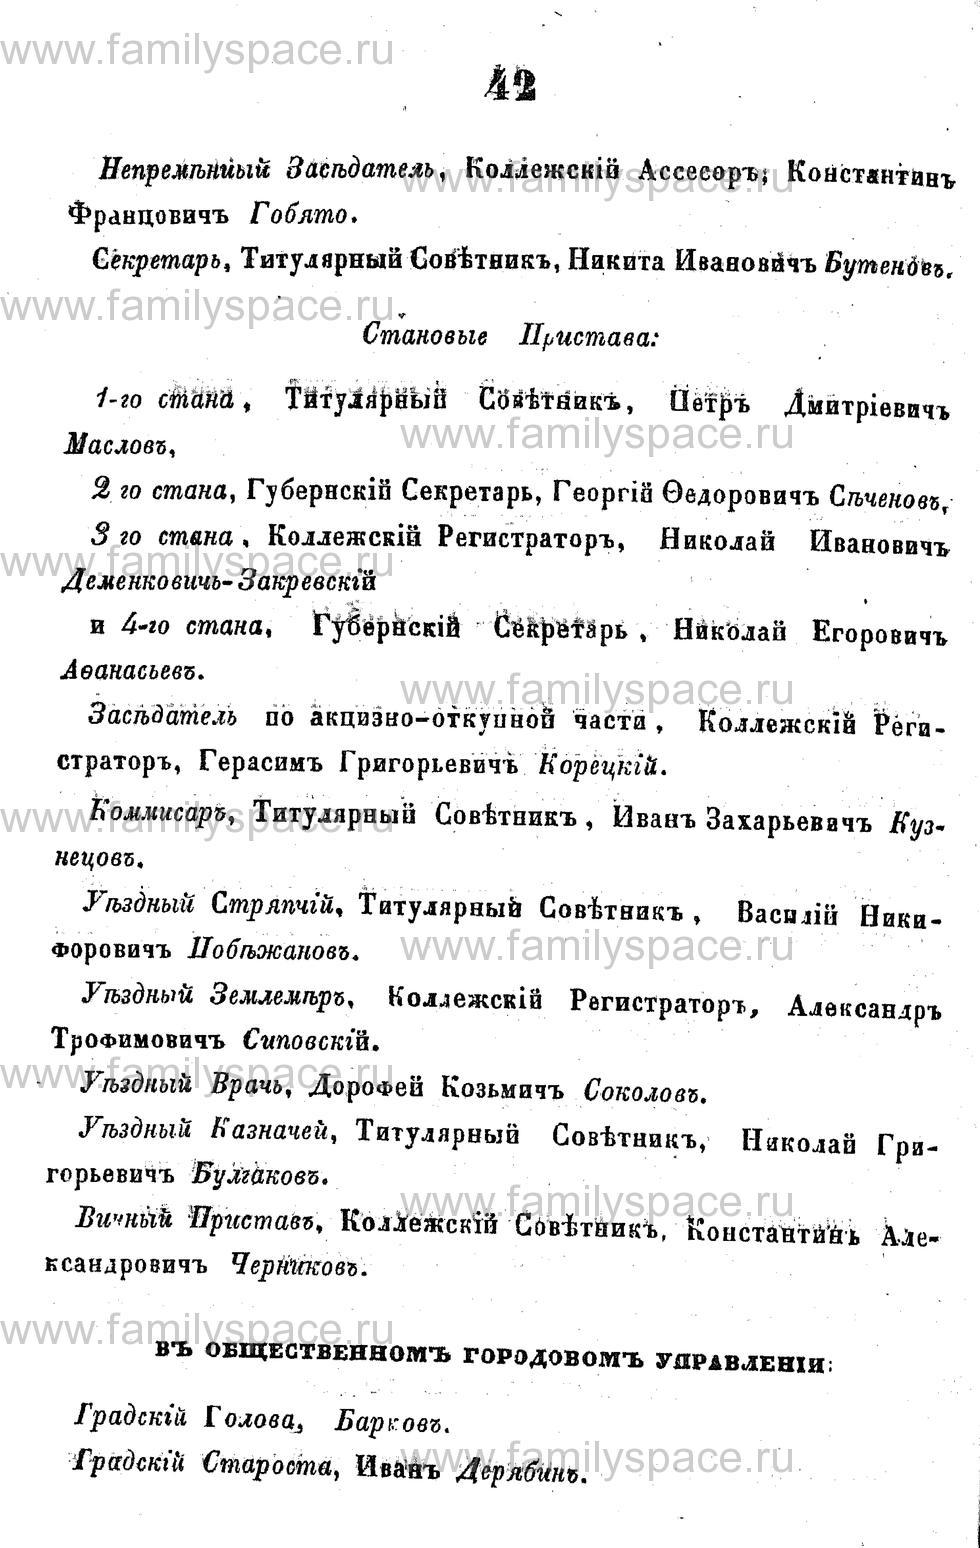 Поиск по фамилии - Адрес-календарь Курской губернии на 1853 год, страница 1042